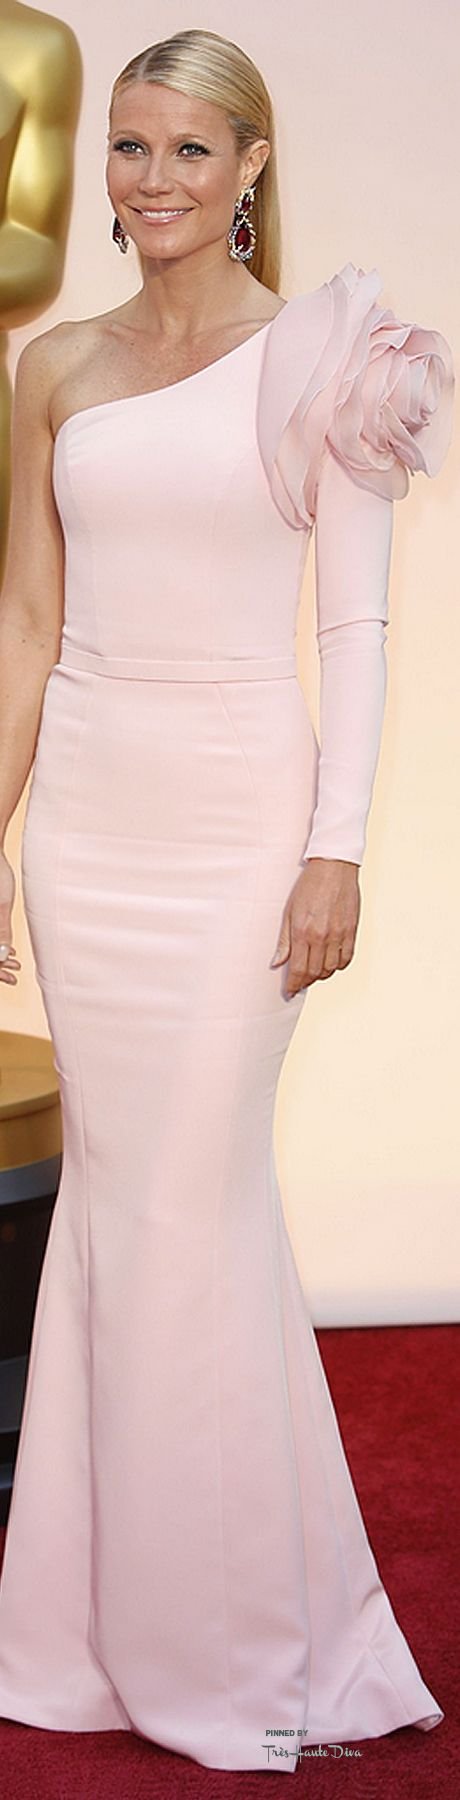 Inspírate con las famosas en los #Oscars2015 para encontrar el look ideal para tus damas.